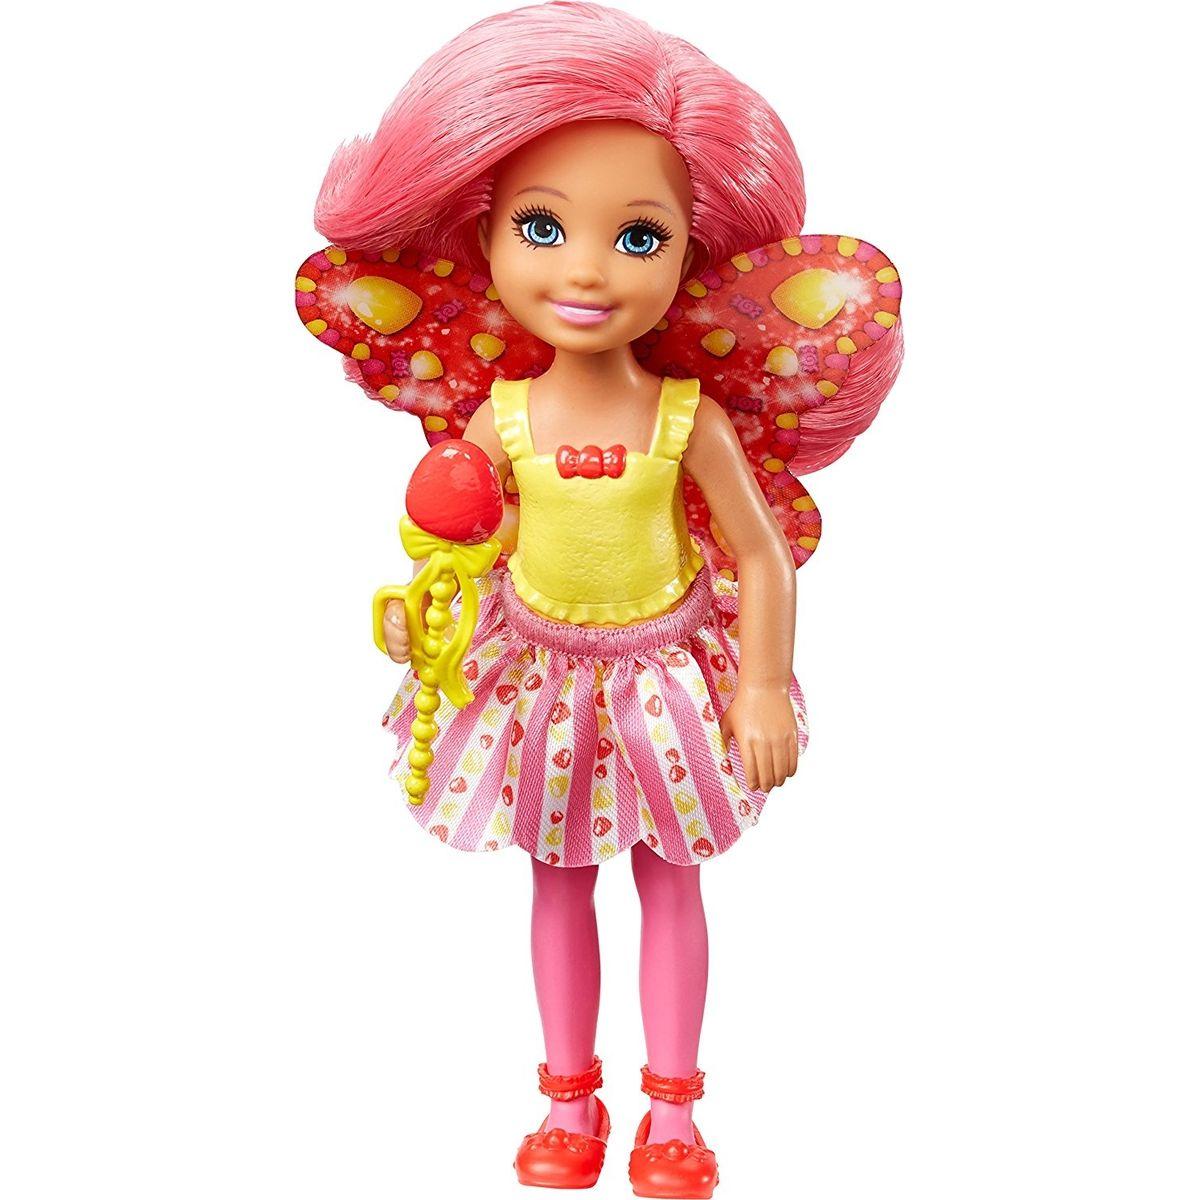 Mattel Barbie Víla Chelsea červené vlasy